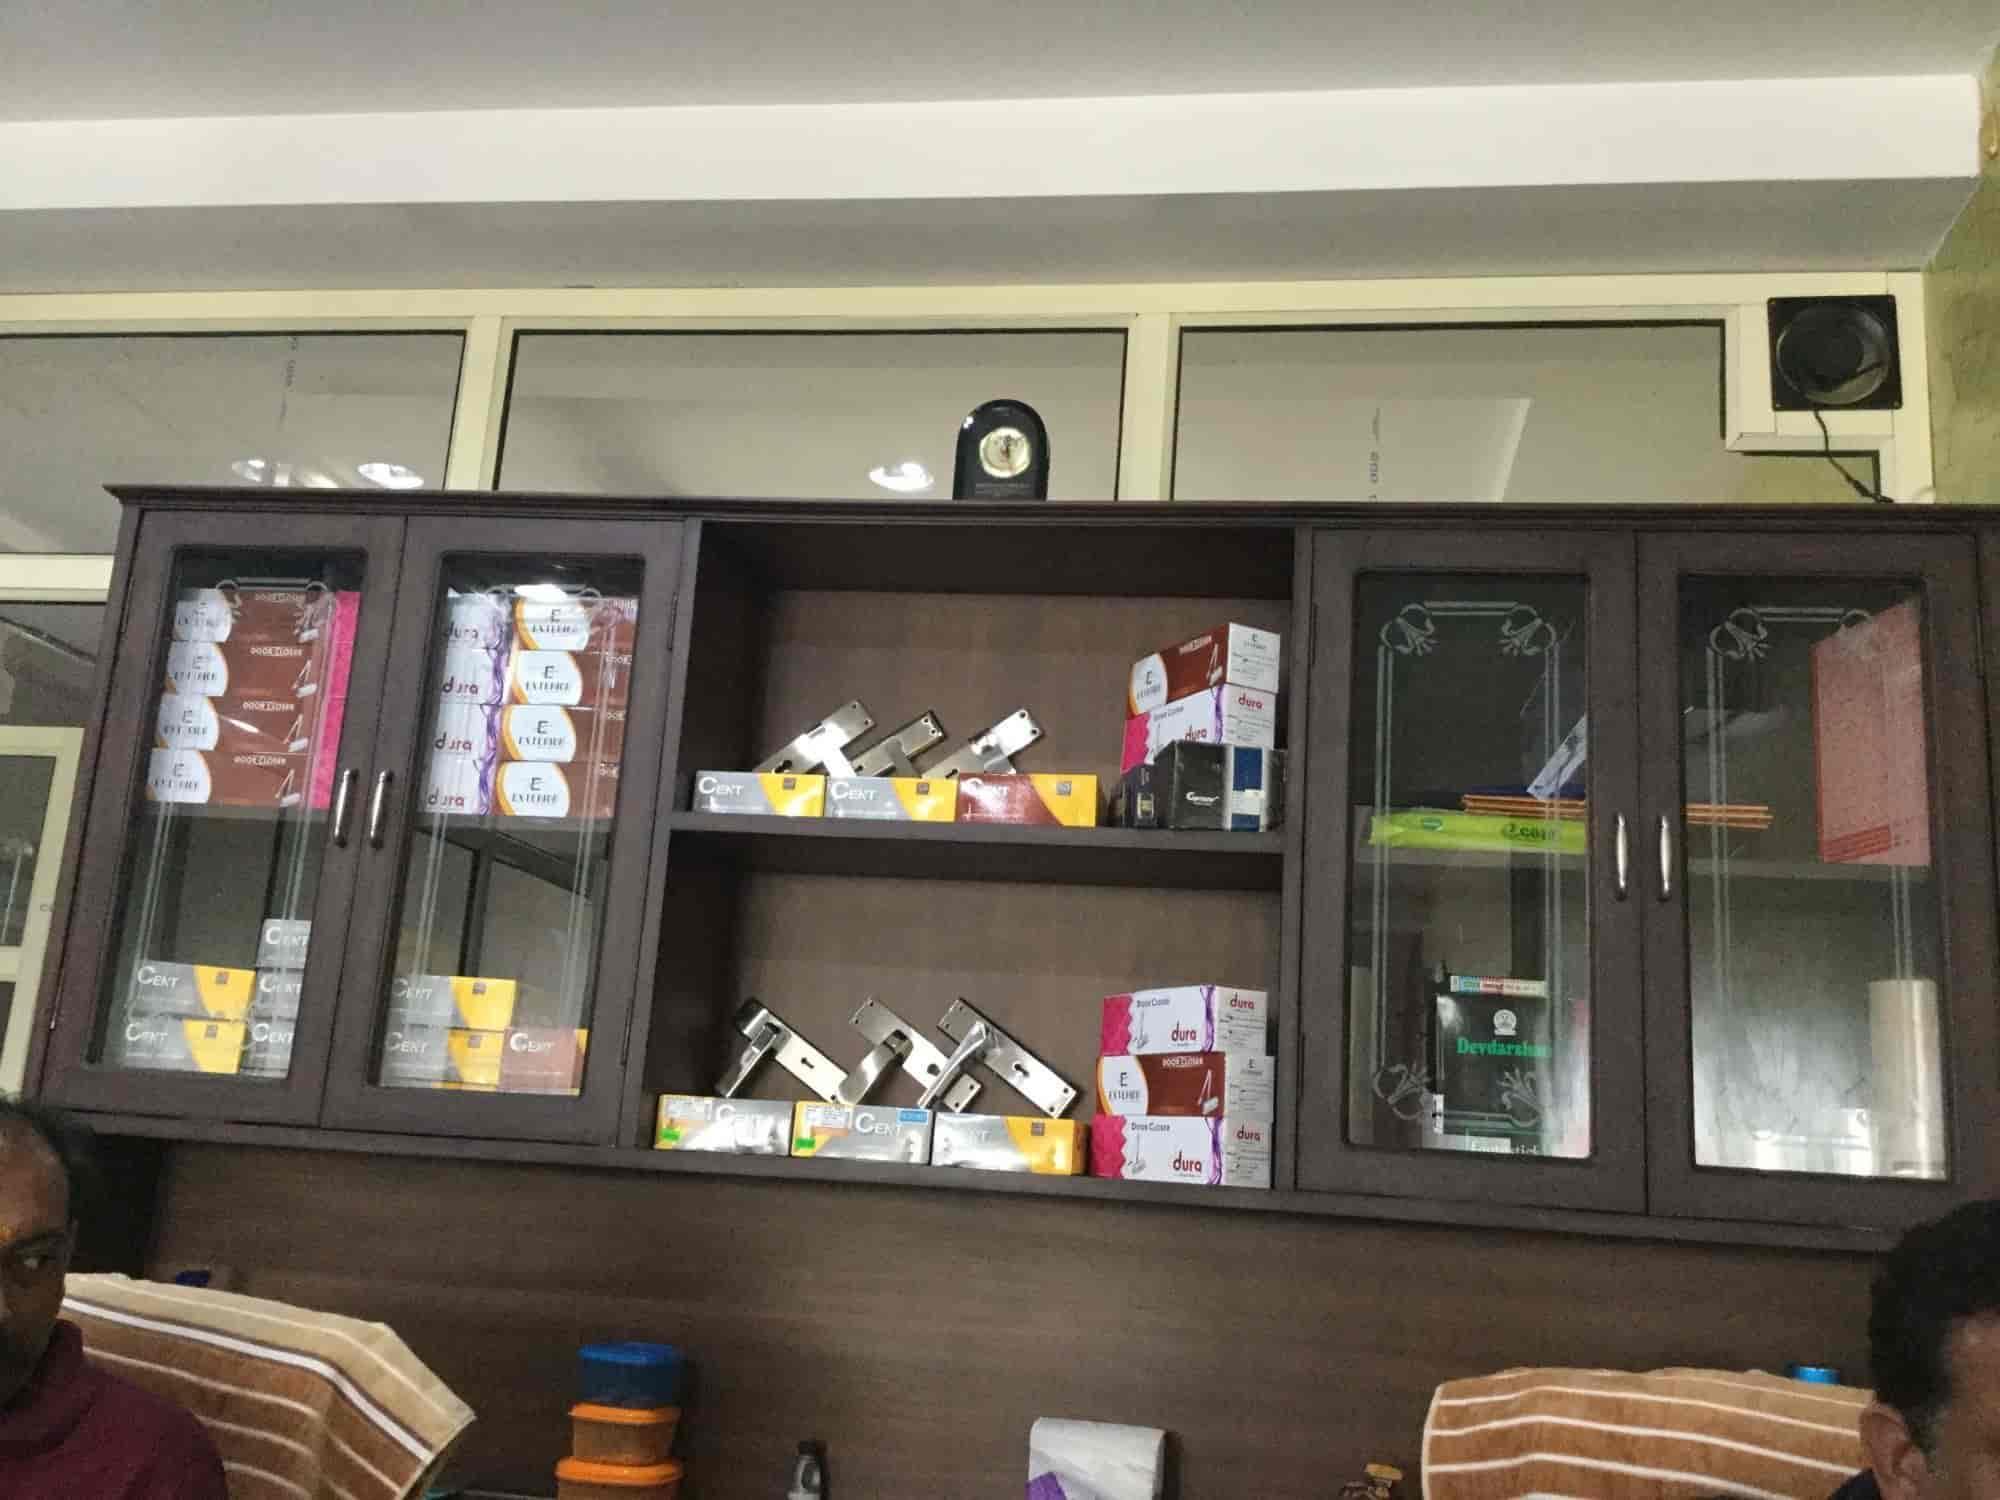 ... JAMEX DOOR Devices Mfg. Co. Photos Kharar Chandigarh - Hardware Dealers ... & JAMEX DOOR Devices Mfg Co Photos Kharar Chandigarh- Pictures ...